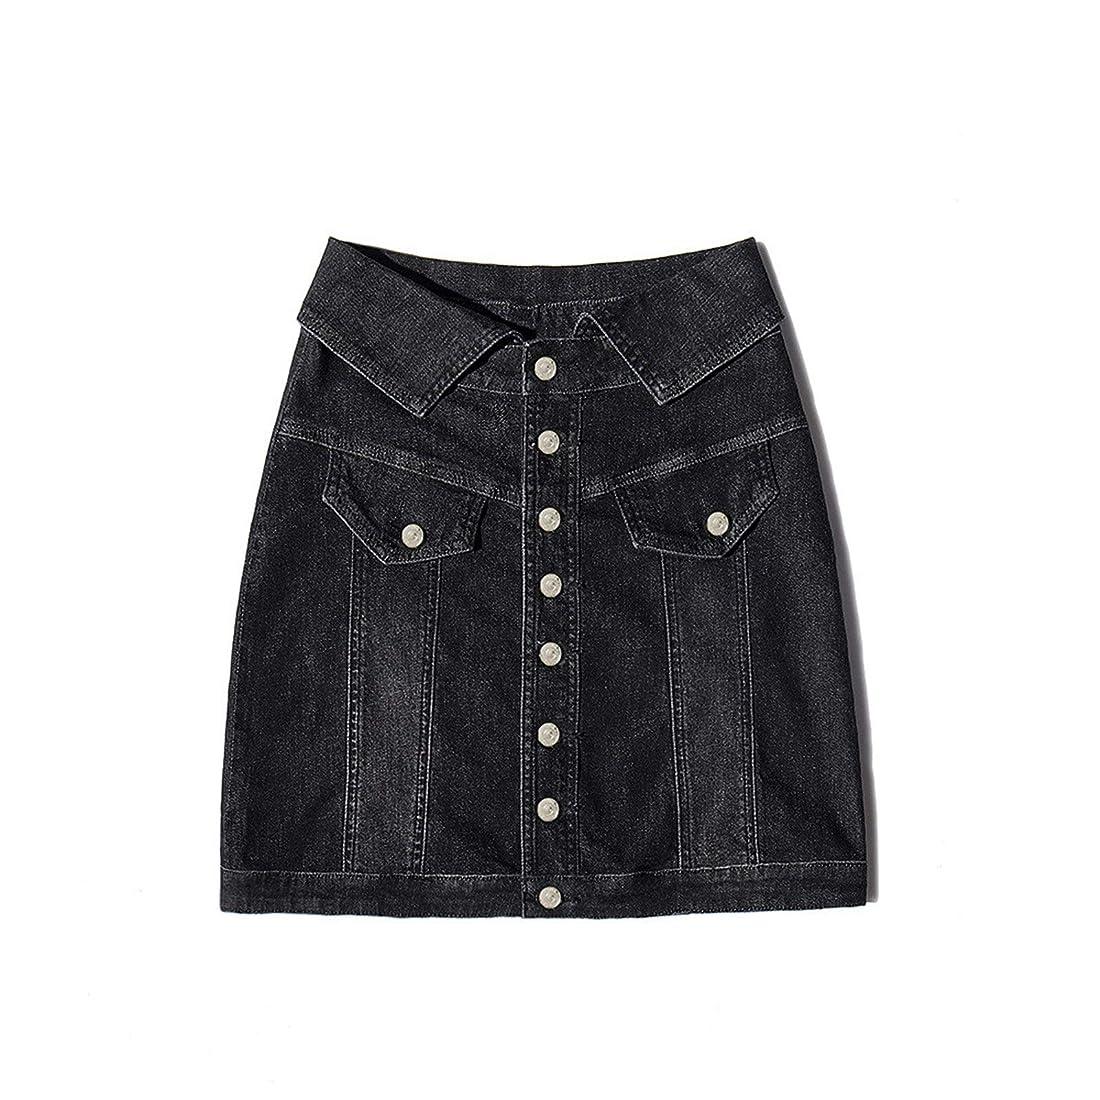 ゴミバインドナプキンレディーススカート ハイウエストブレストデニムショートスカート女性の人格のステッチラペルデニムスカート女性のバッグヒップスカート スリム フィット (Color : Black, Size : Large)